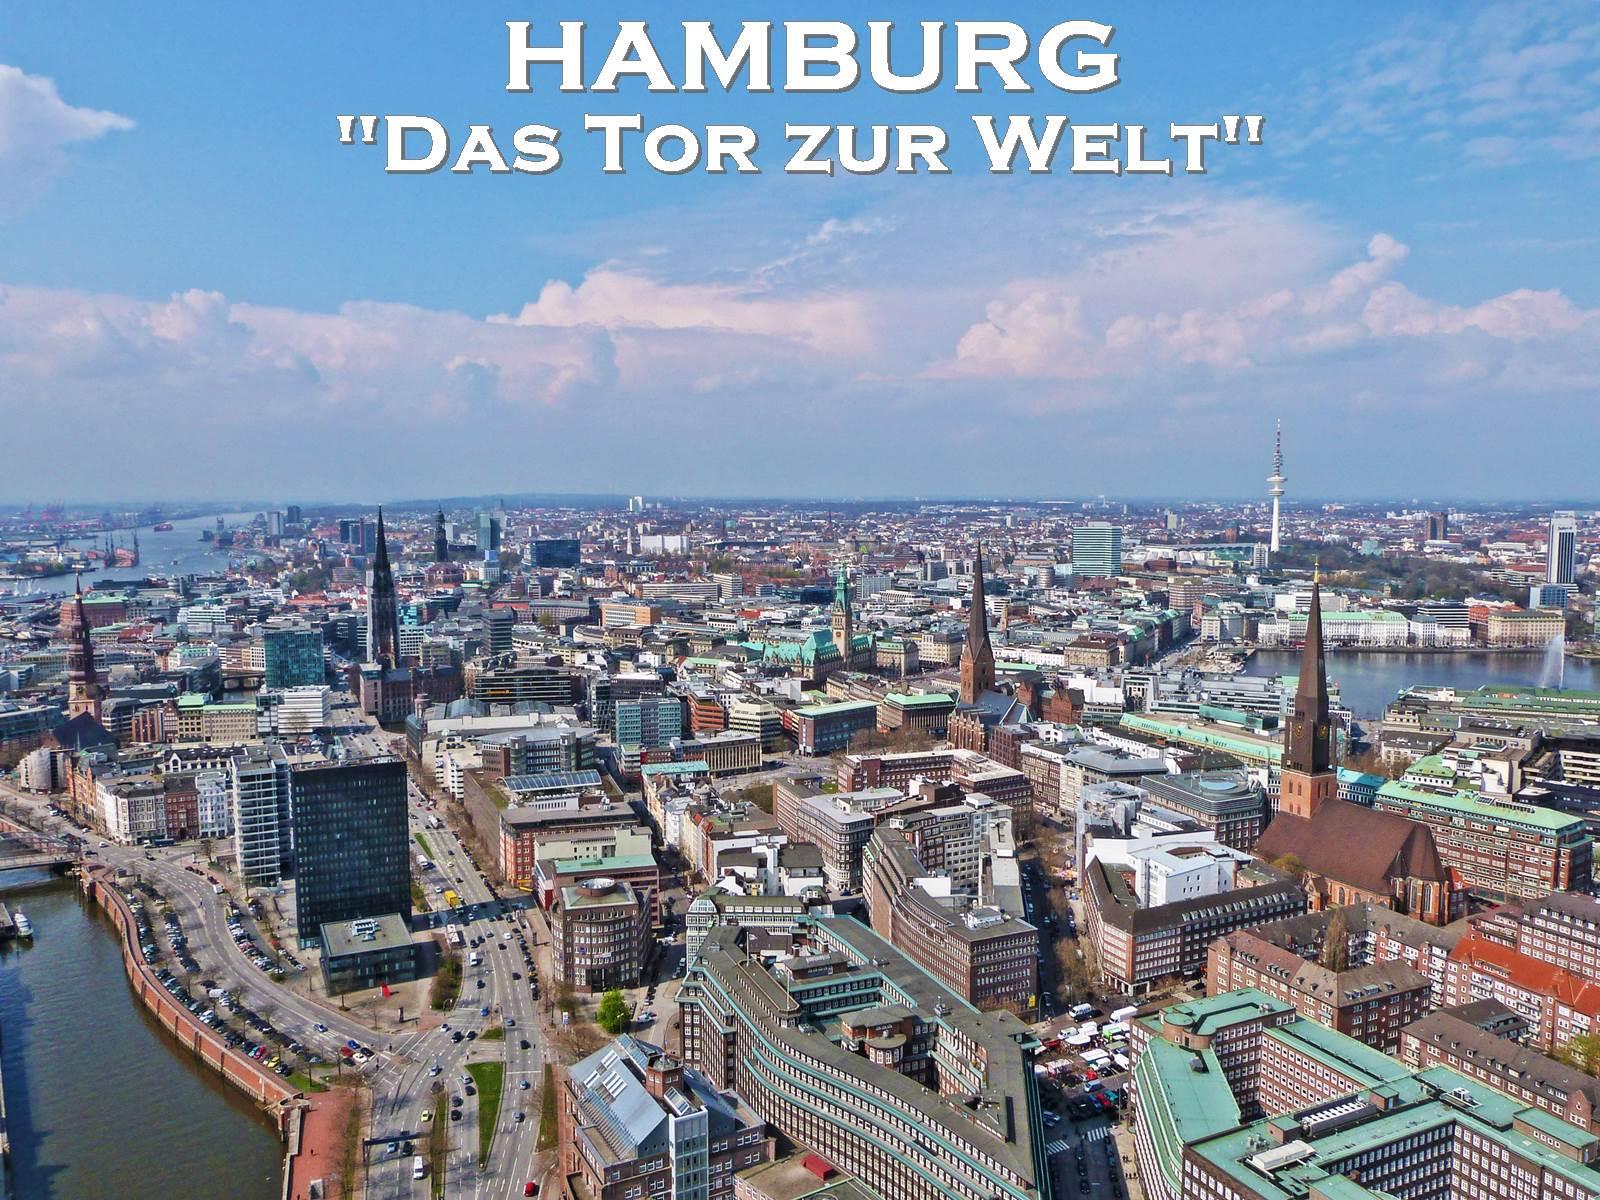 Blick von oben über die Dächer von Hamburg, Kontorhausviertel, Kirchen, Alster, Fernsehturm und ein Teil vom Hafen